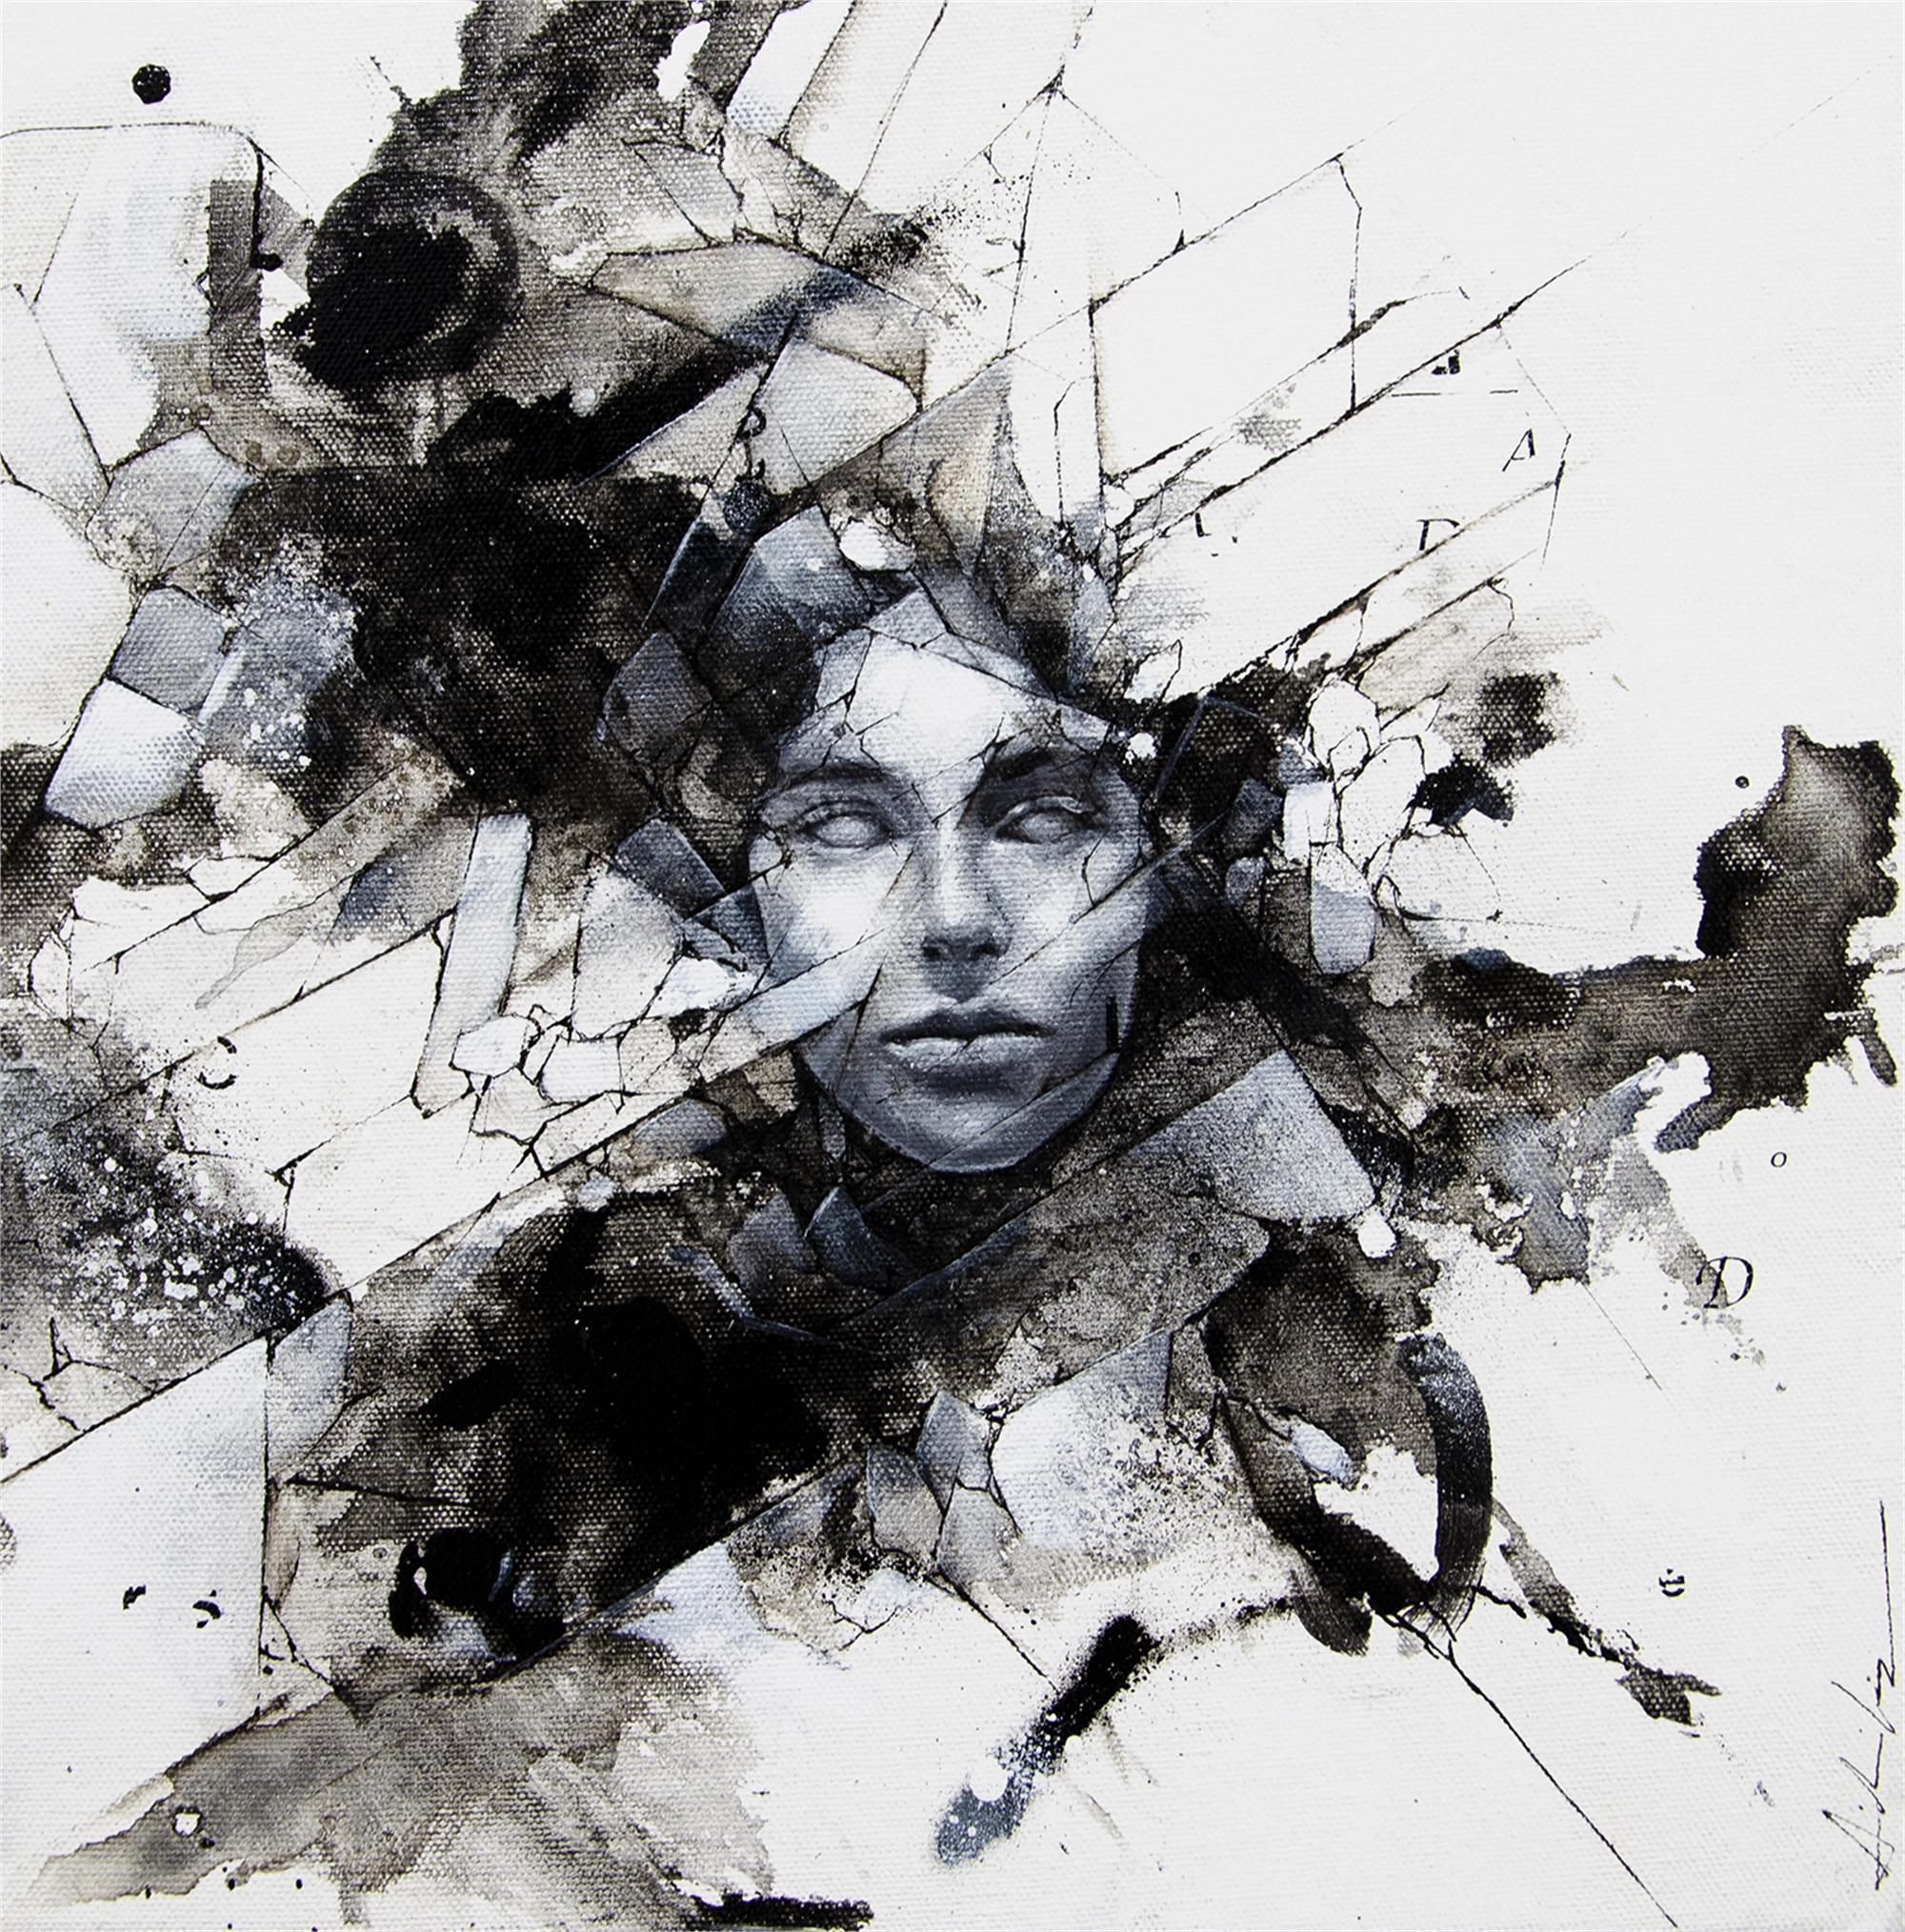 Youth by Aiden Kringen